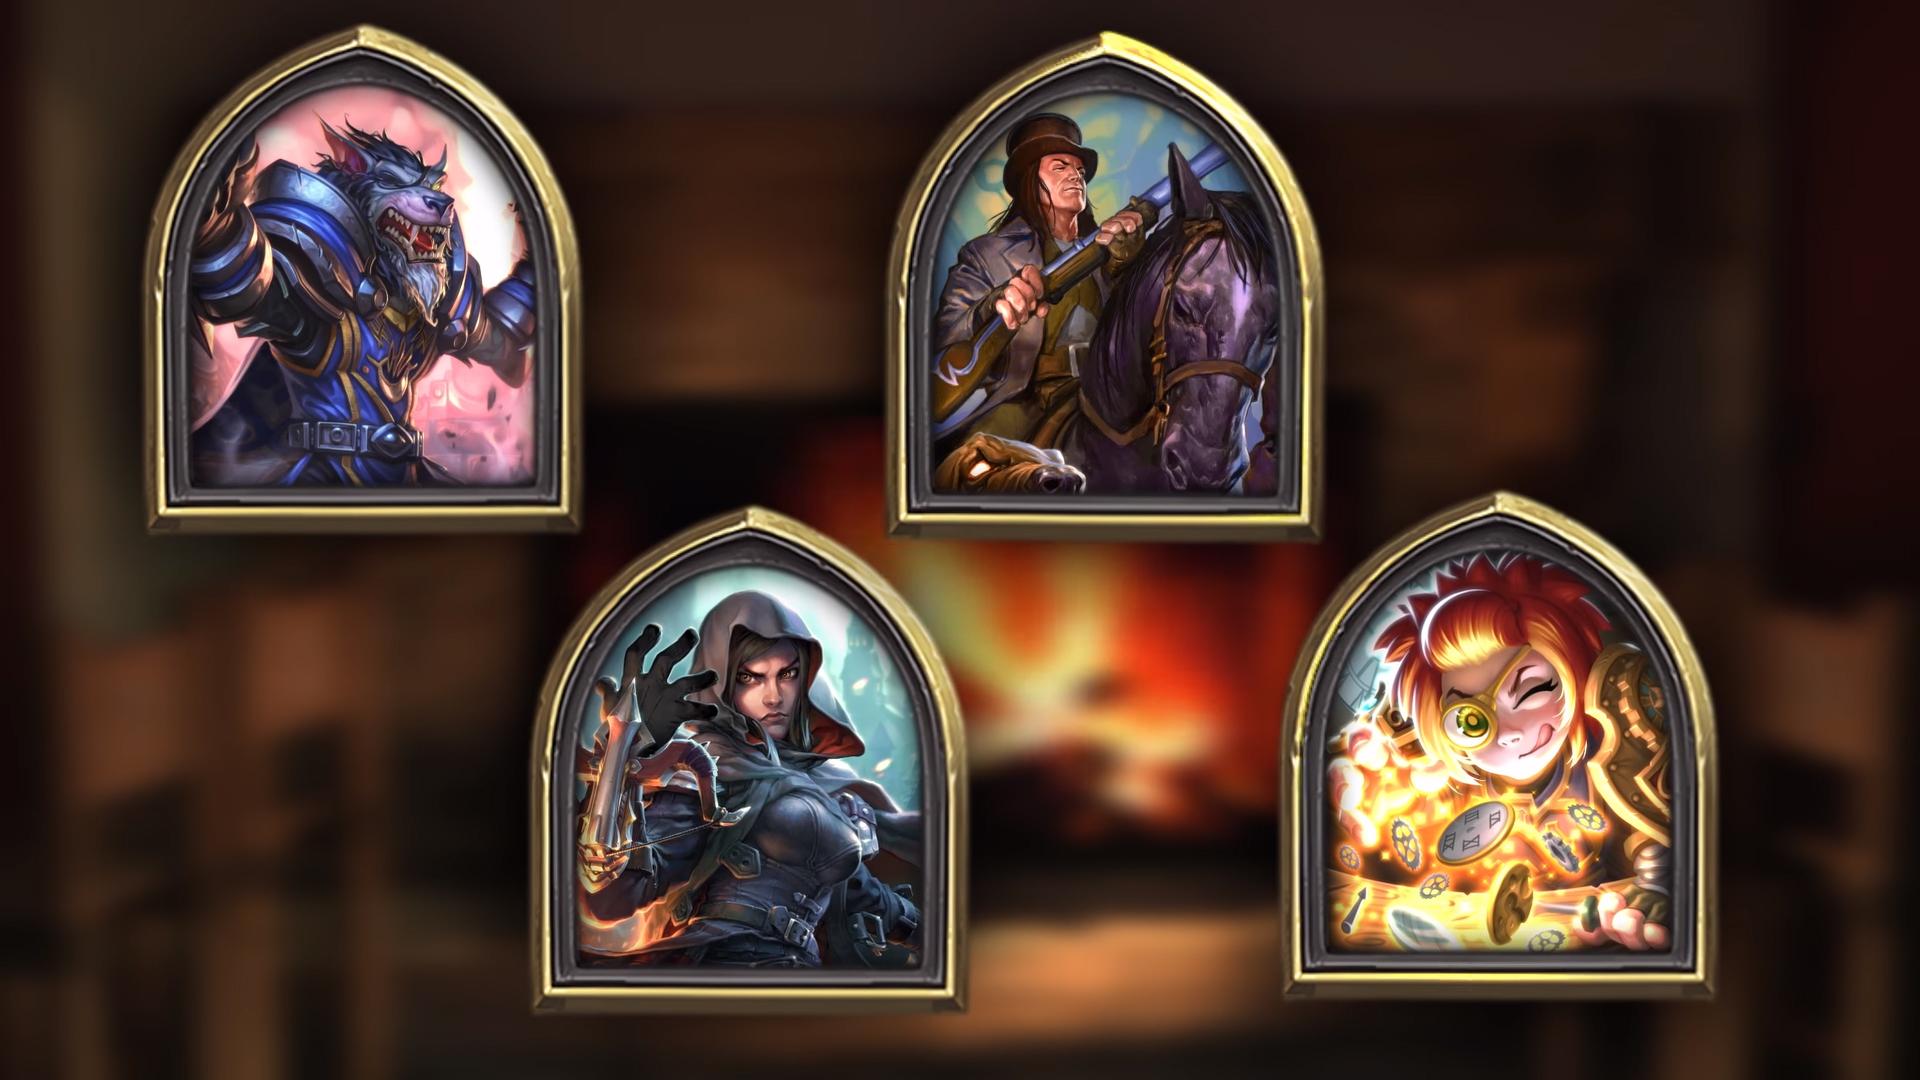 Les quatre héros du mode Chasse aux monstres